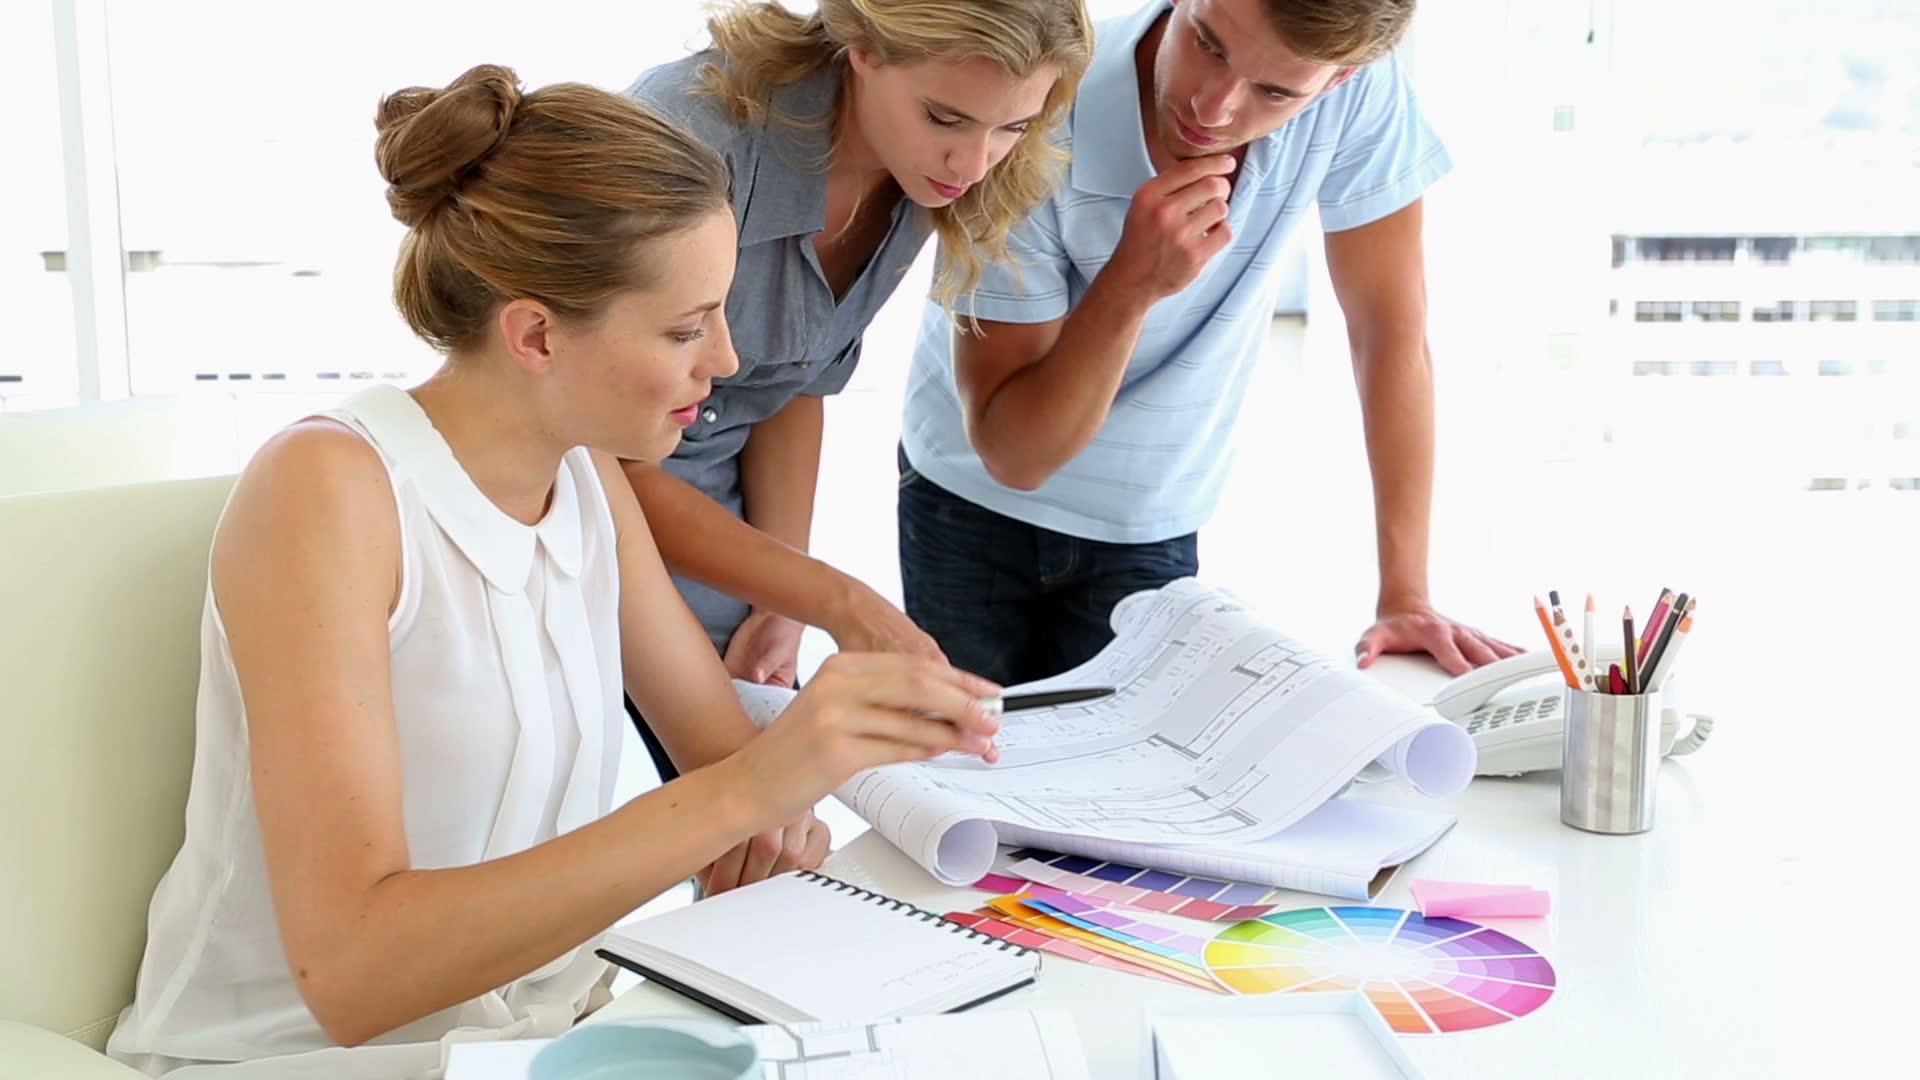 Pronex for Creative interior designer ahmedabad